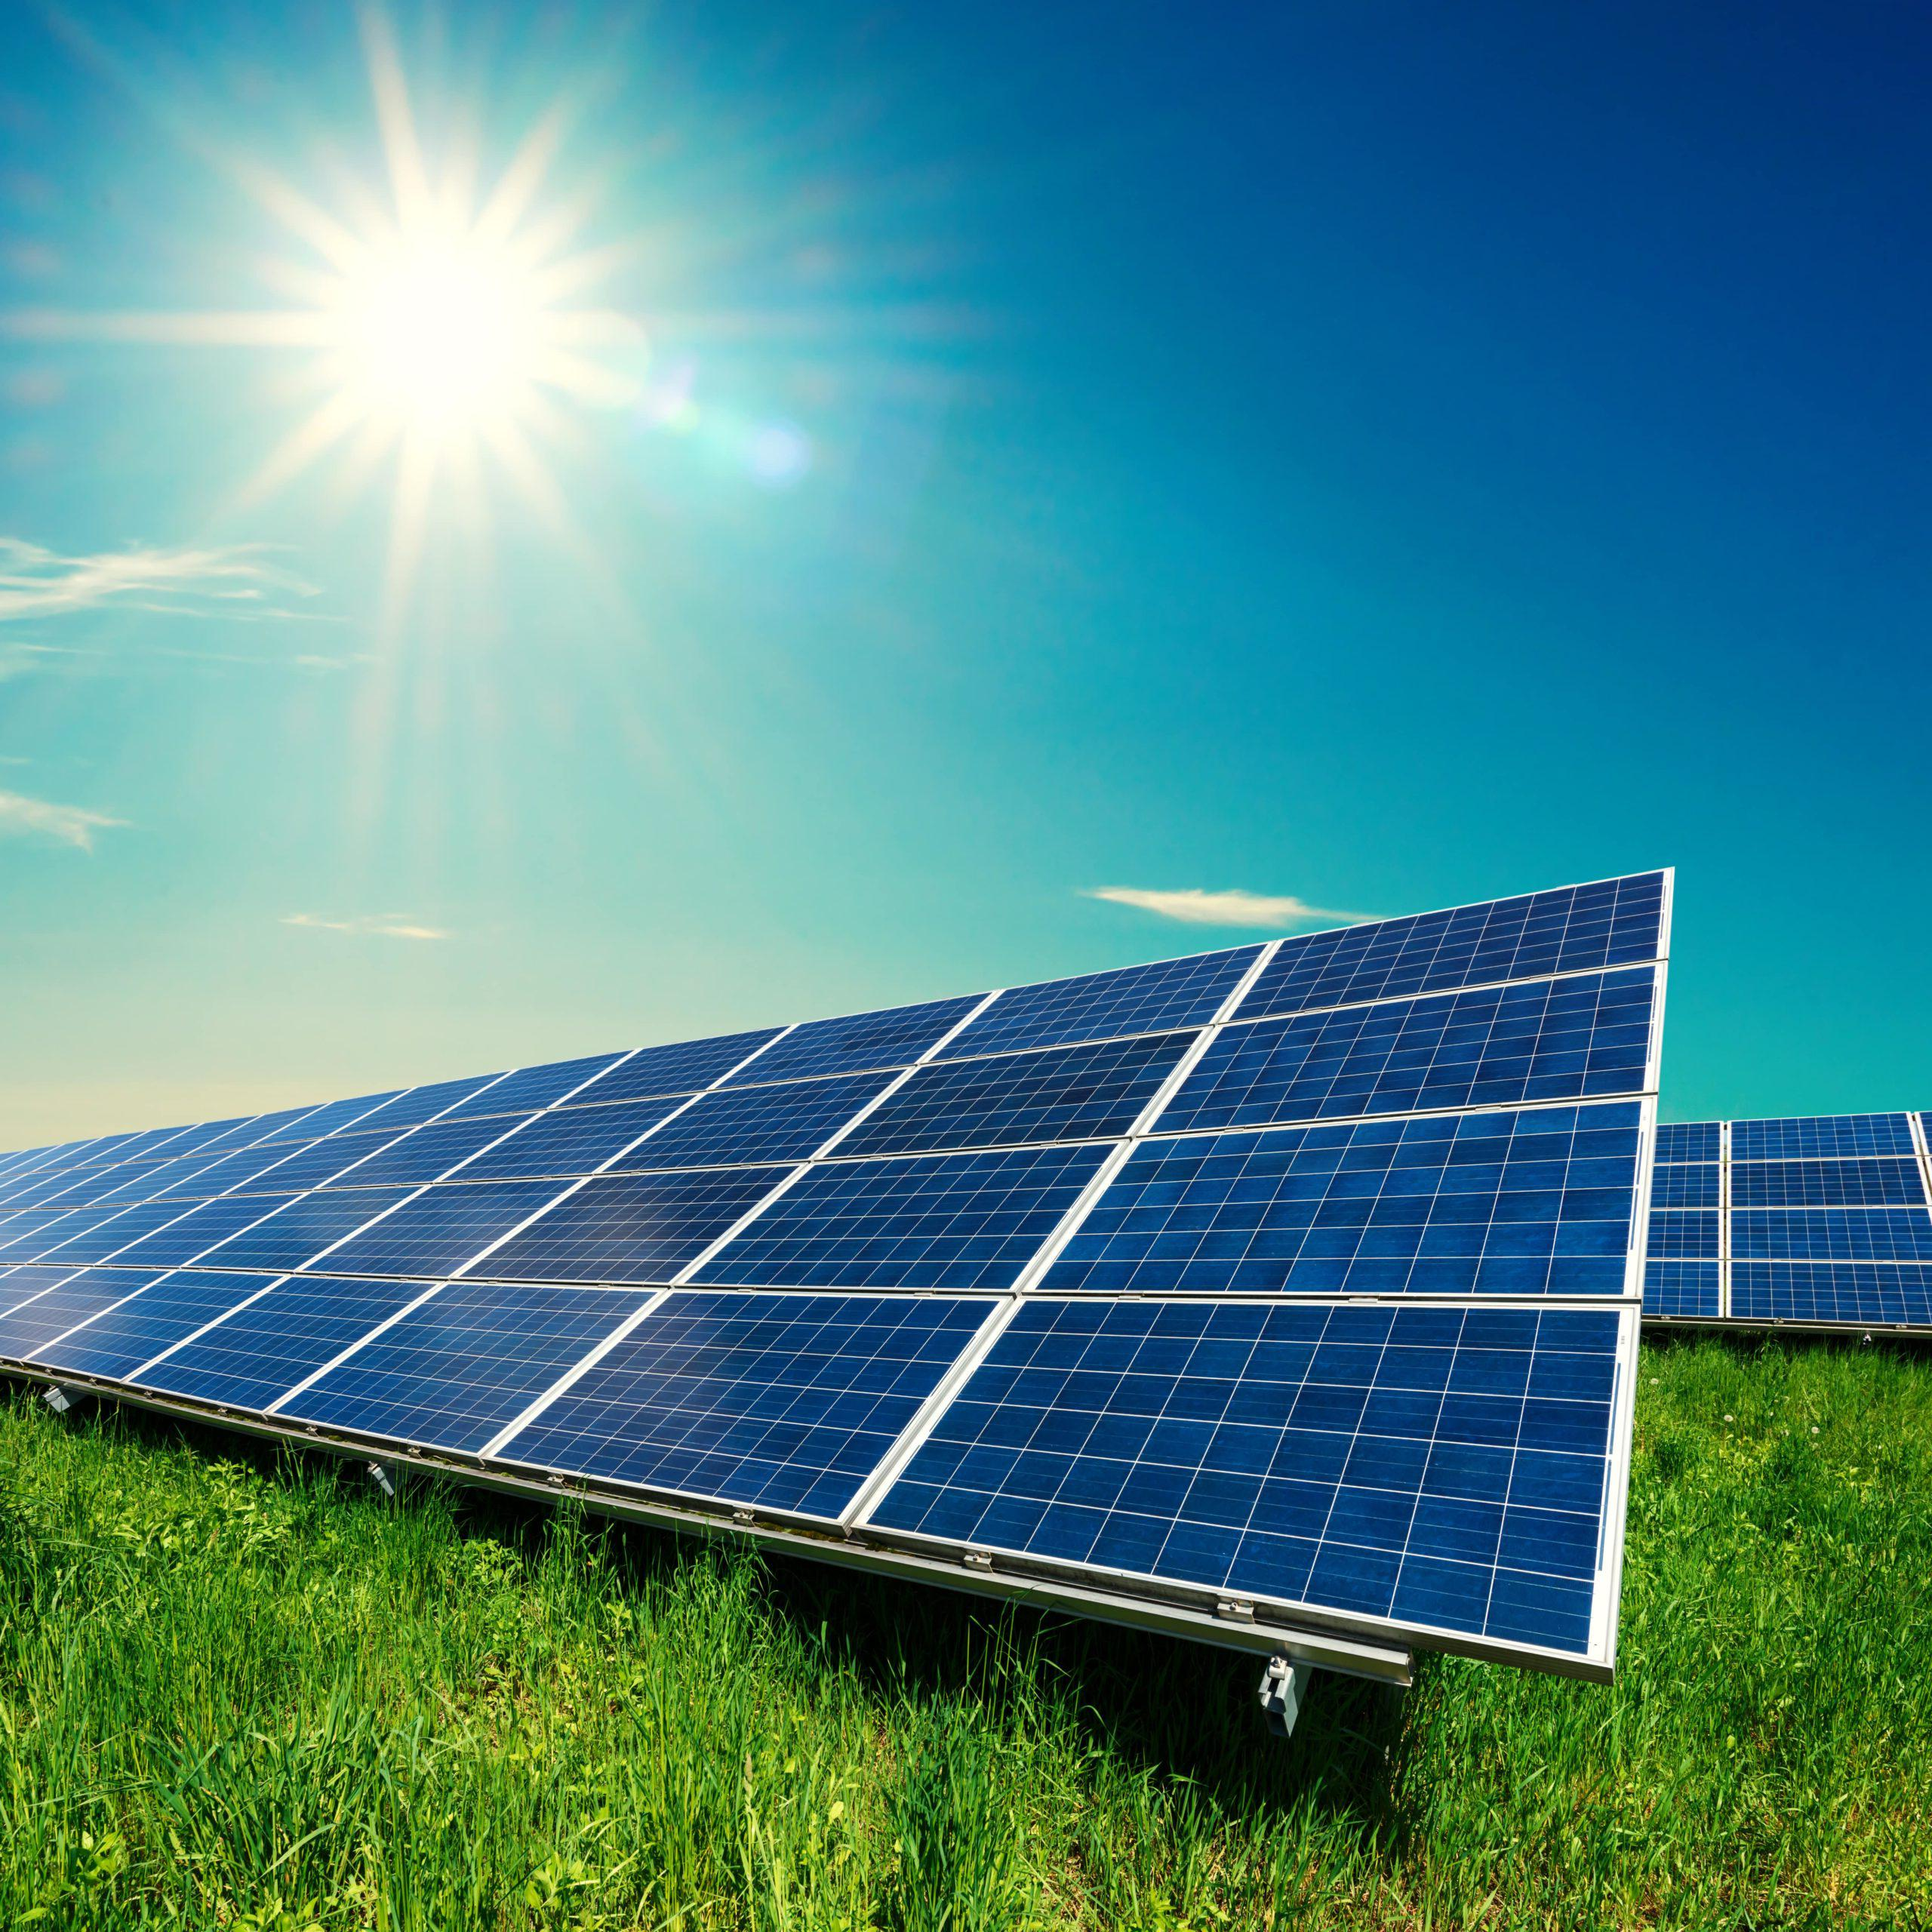 草百叶窗上的太阳能电池板_1026962548分钟